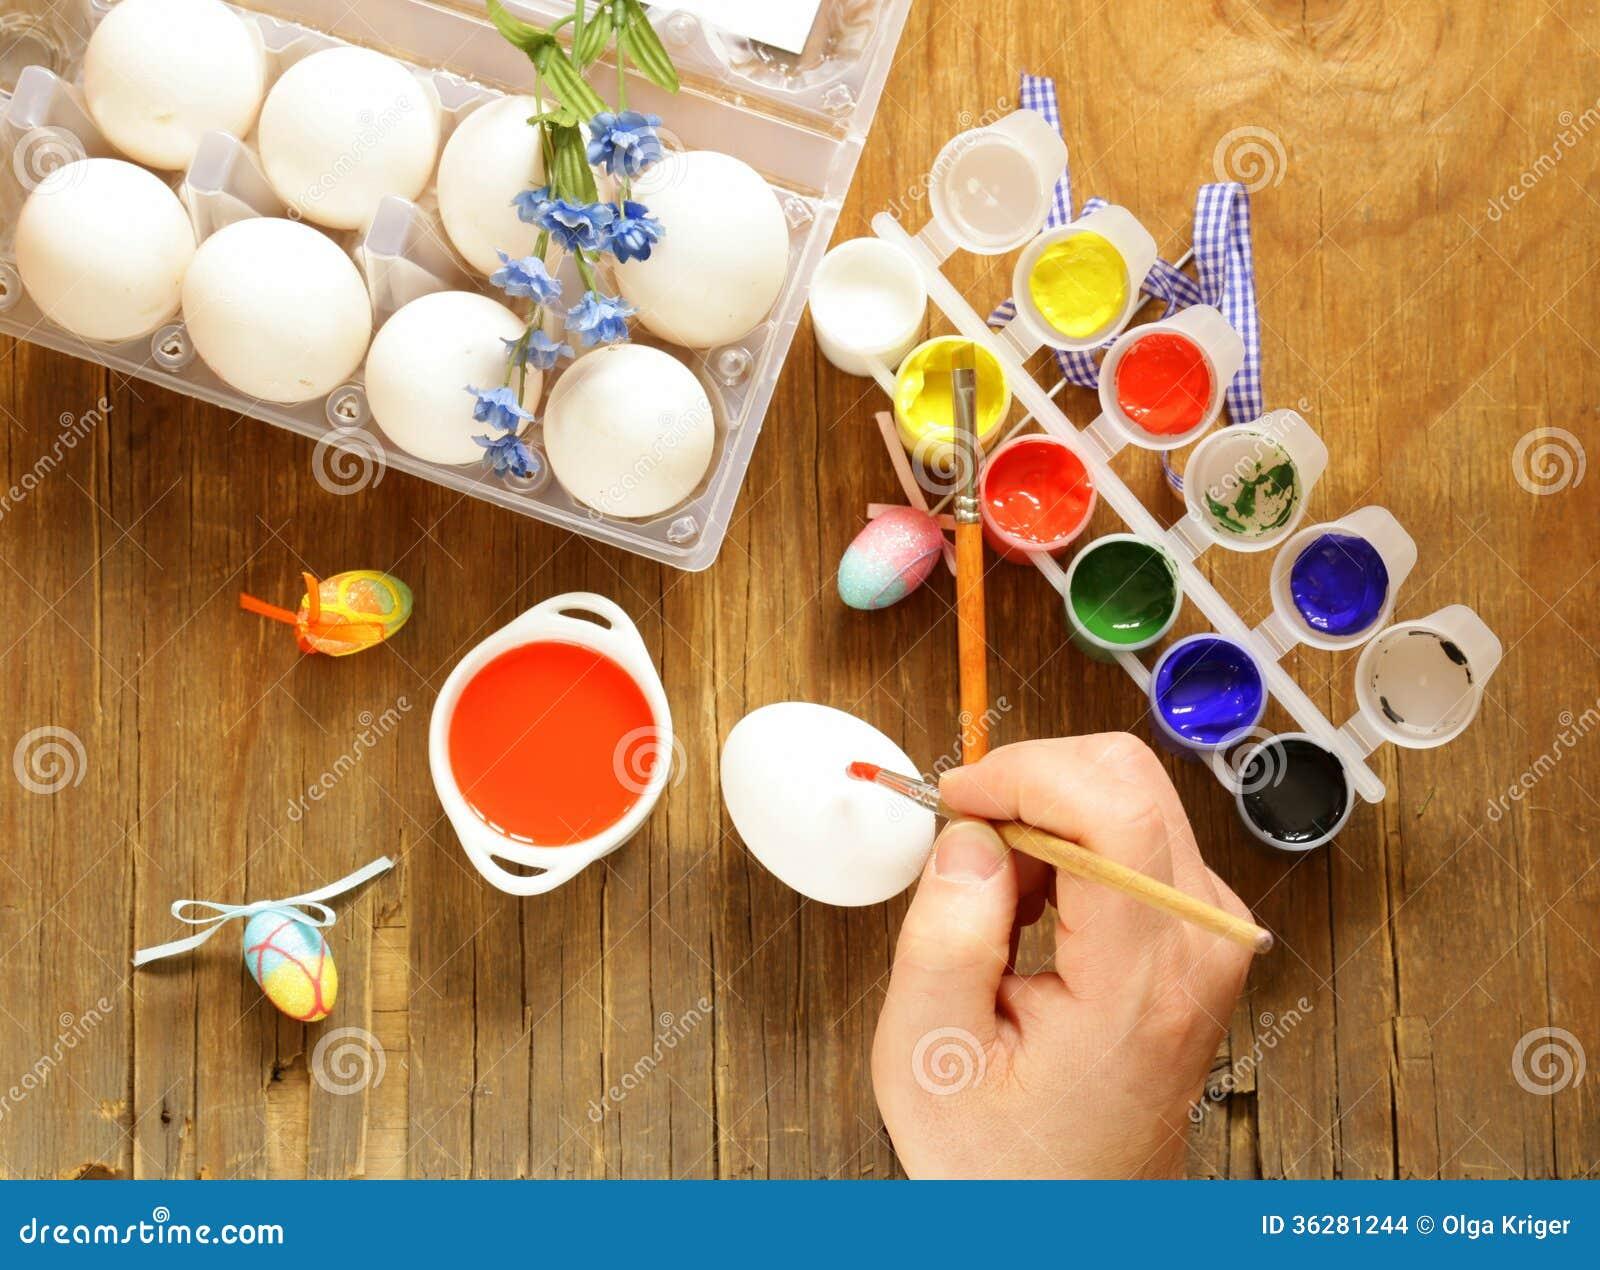 Peinture et brosses d 39 oeufs de p ques de coloration images stock image 36281244 - Peinture oeufs de paques ...